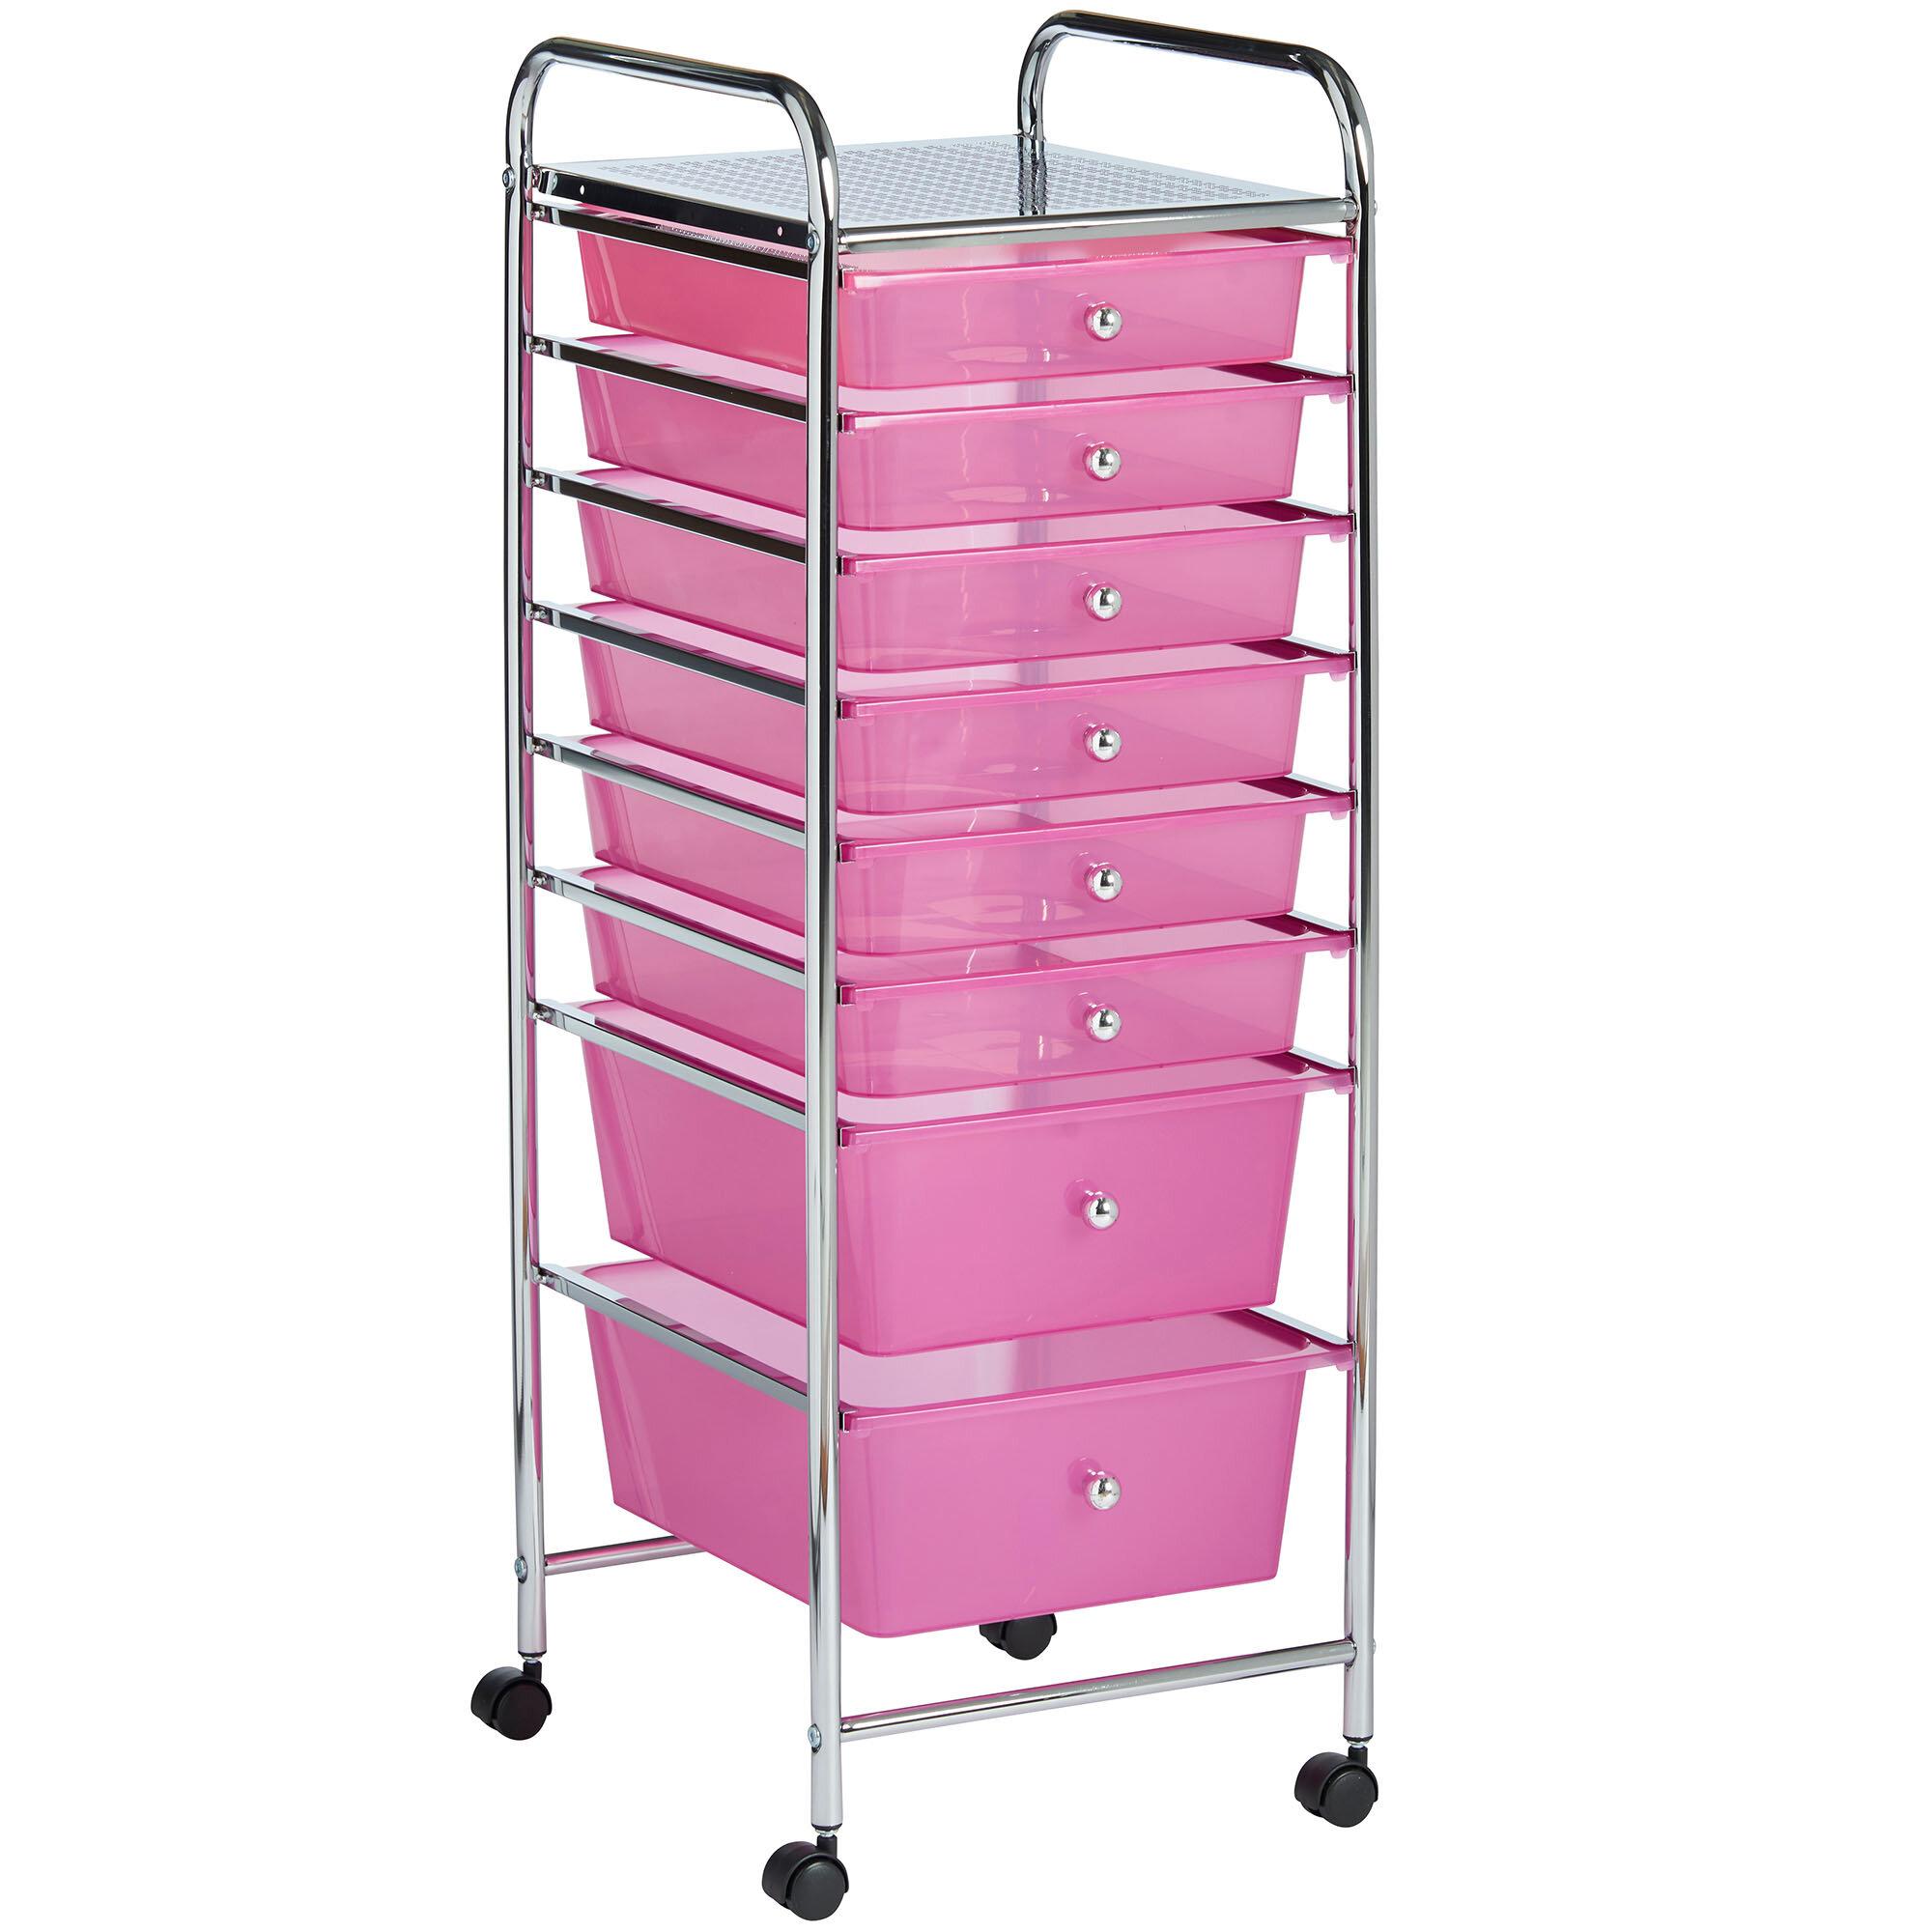 VonHaus 8 Drawer Storage Chest & Reviews | Wayfair